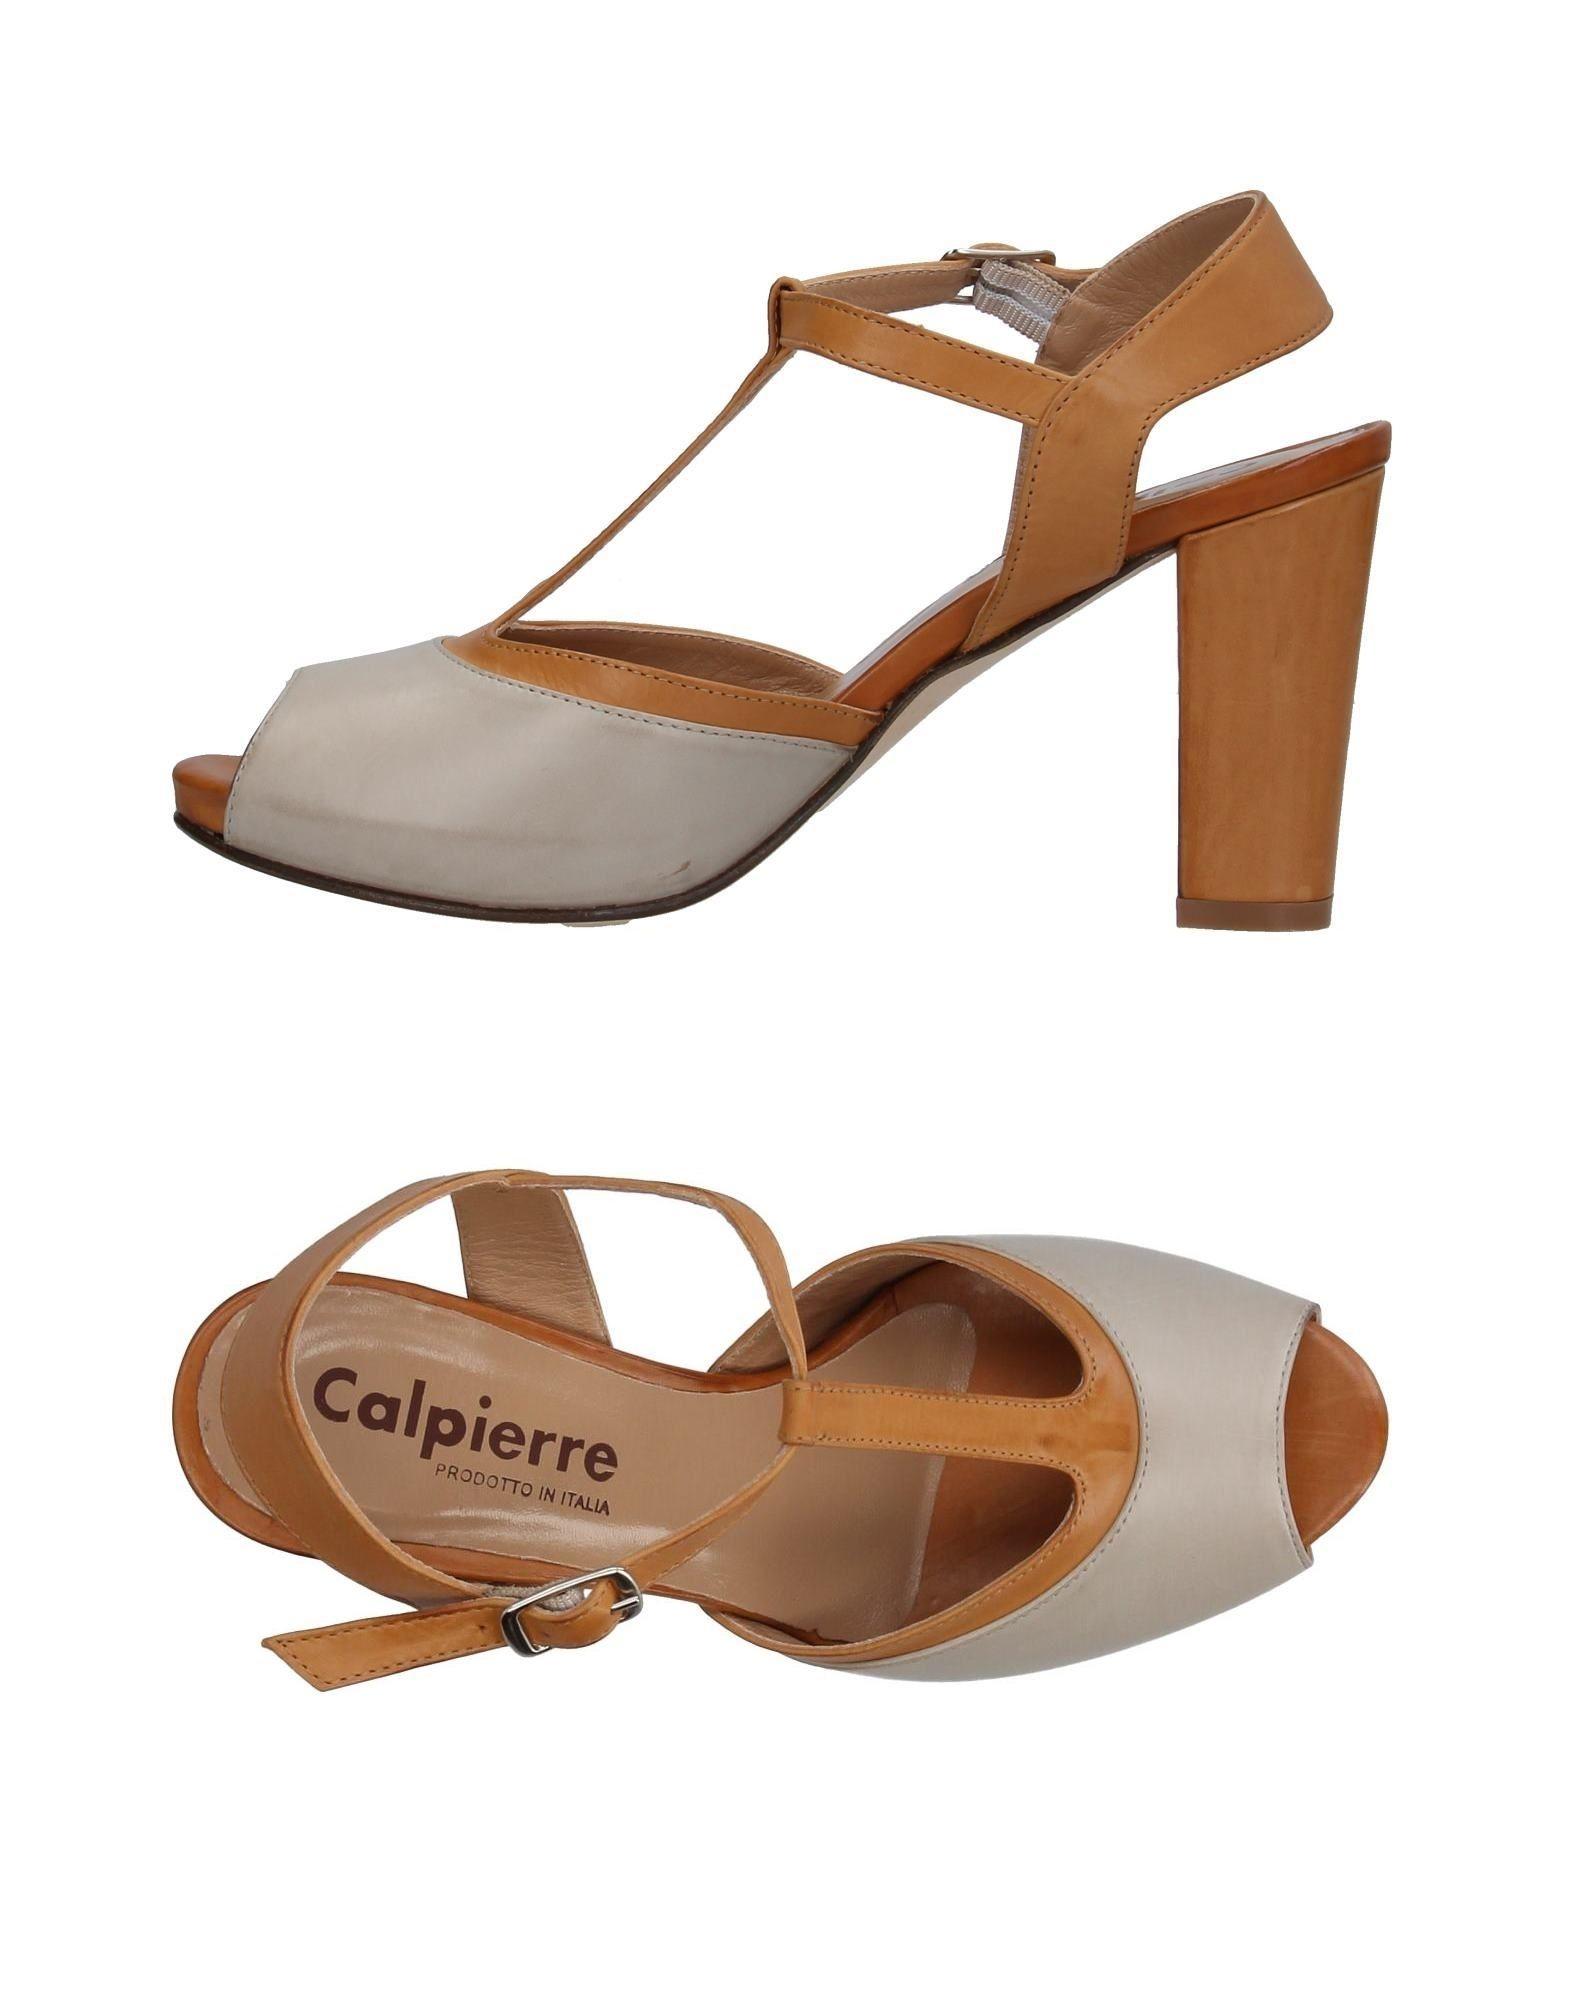 A buon mercato Sandali Calpierre Donna - 11407759IC